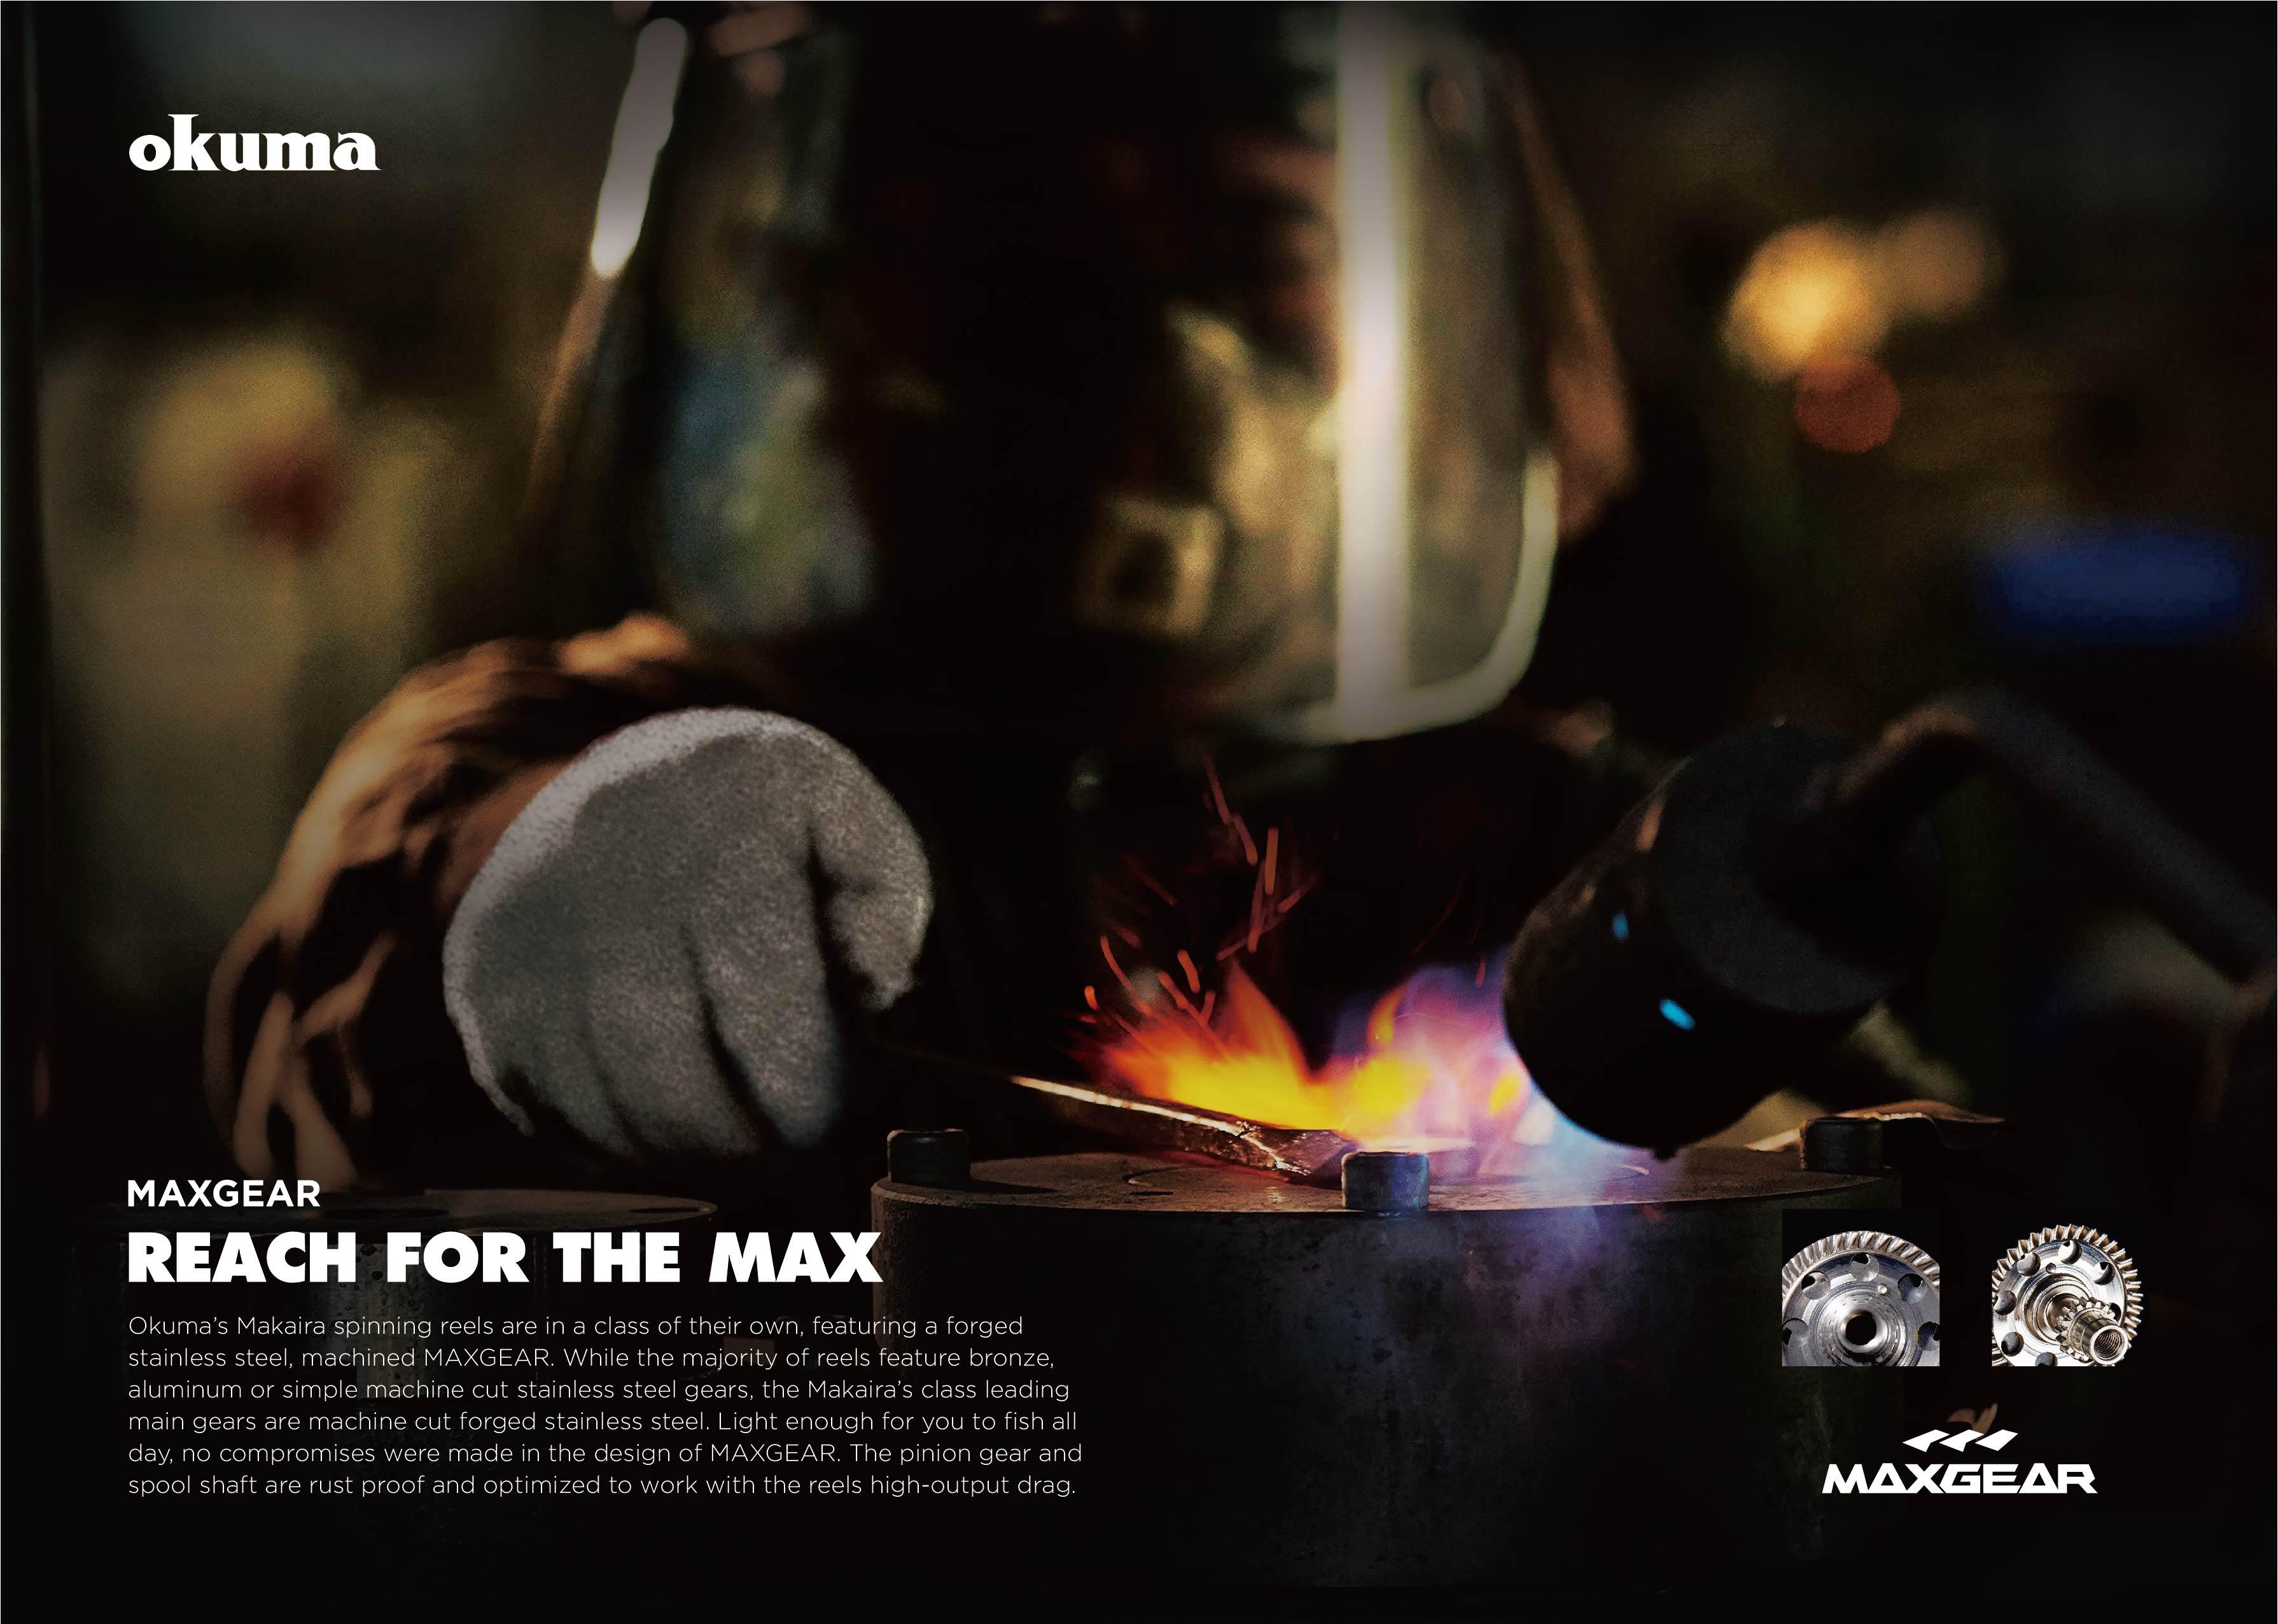 MAXGEAR REACH FOR THE MAX